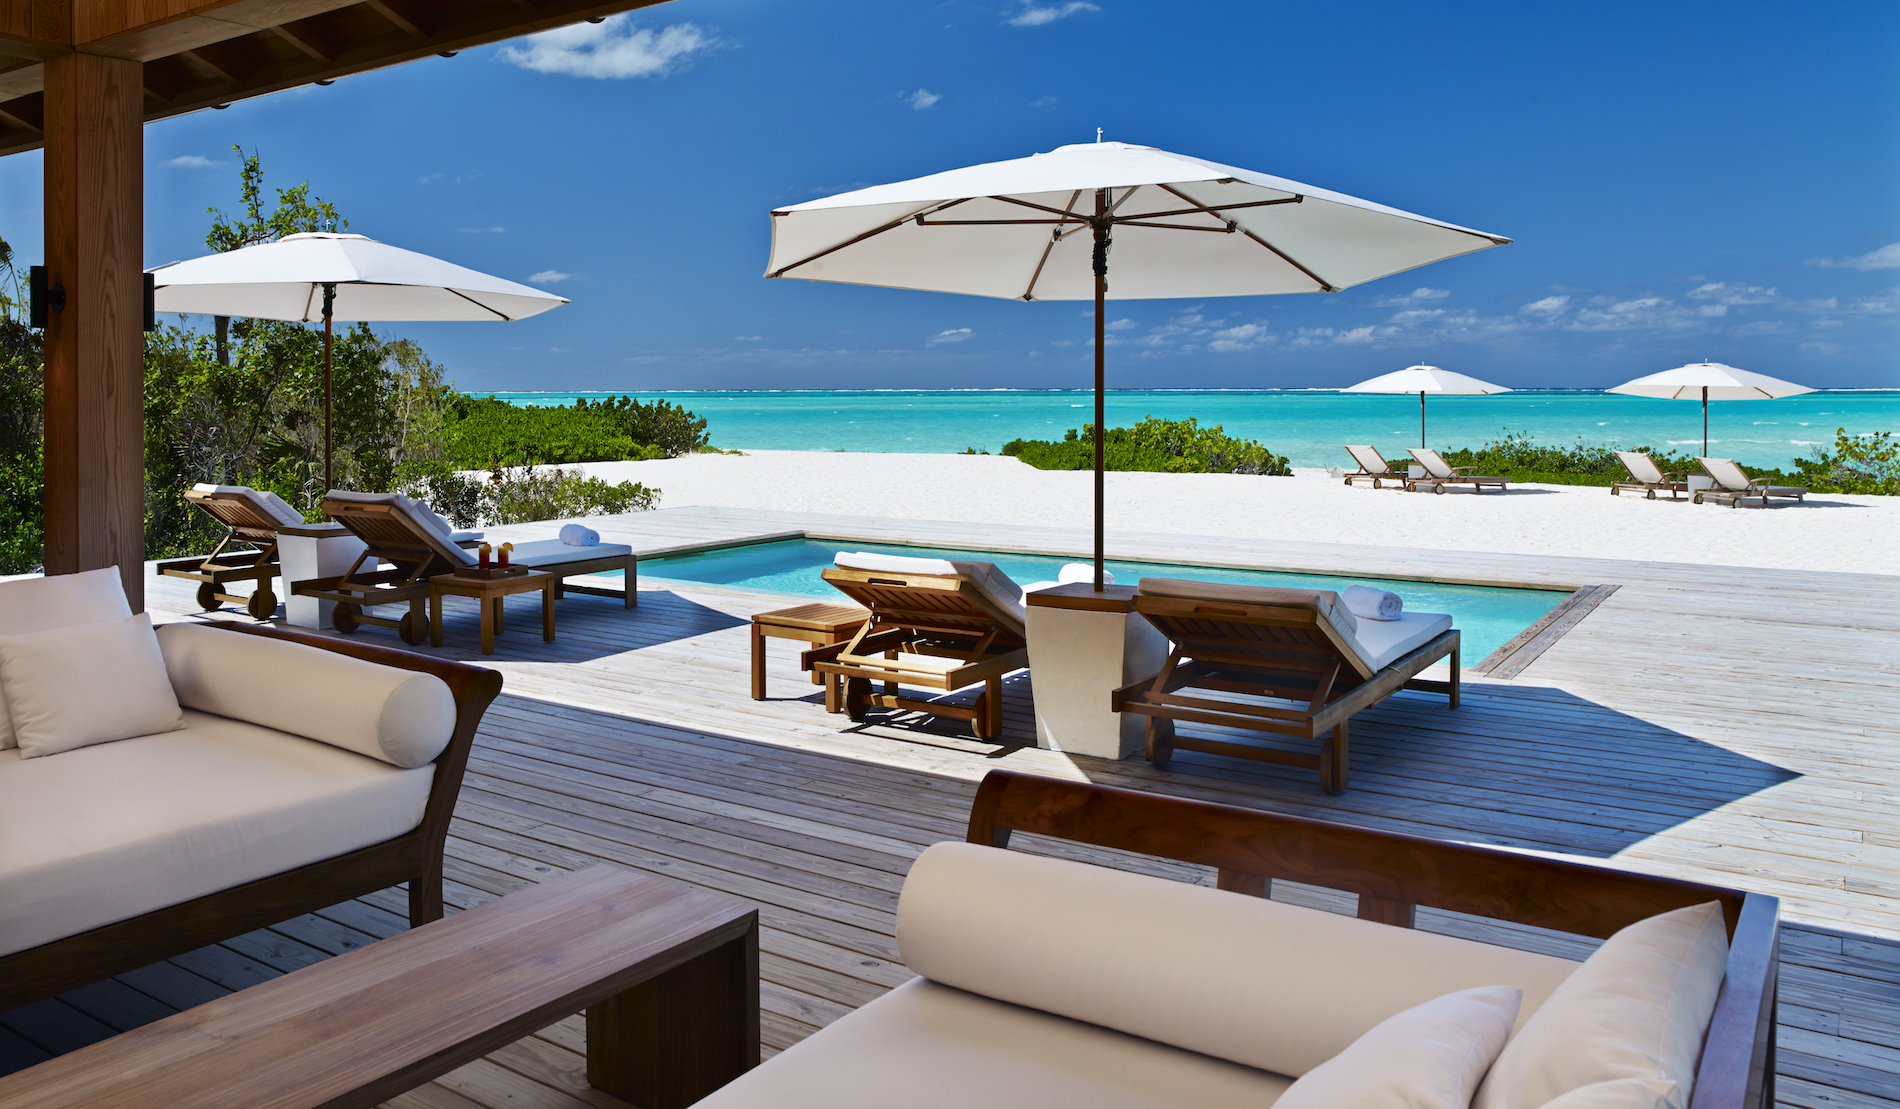 CPC-Hi-Two-Bedroom-Beach-House-Pool-Deck-1.jpg